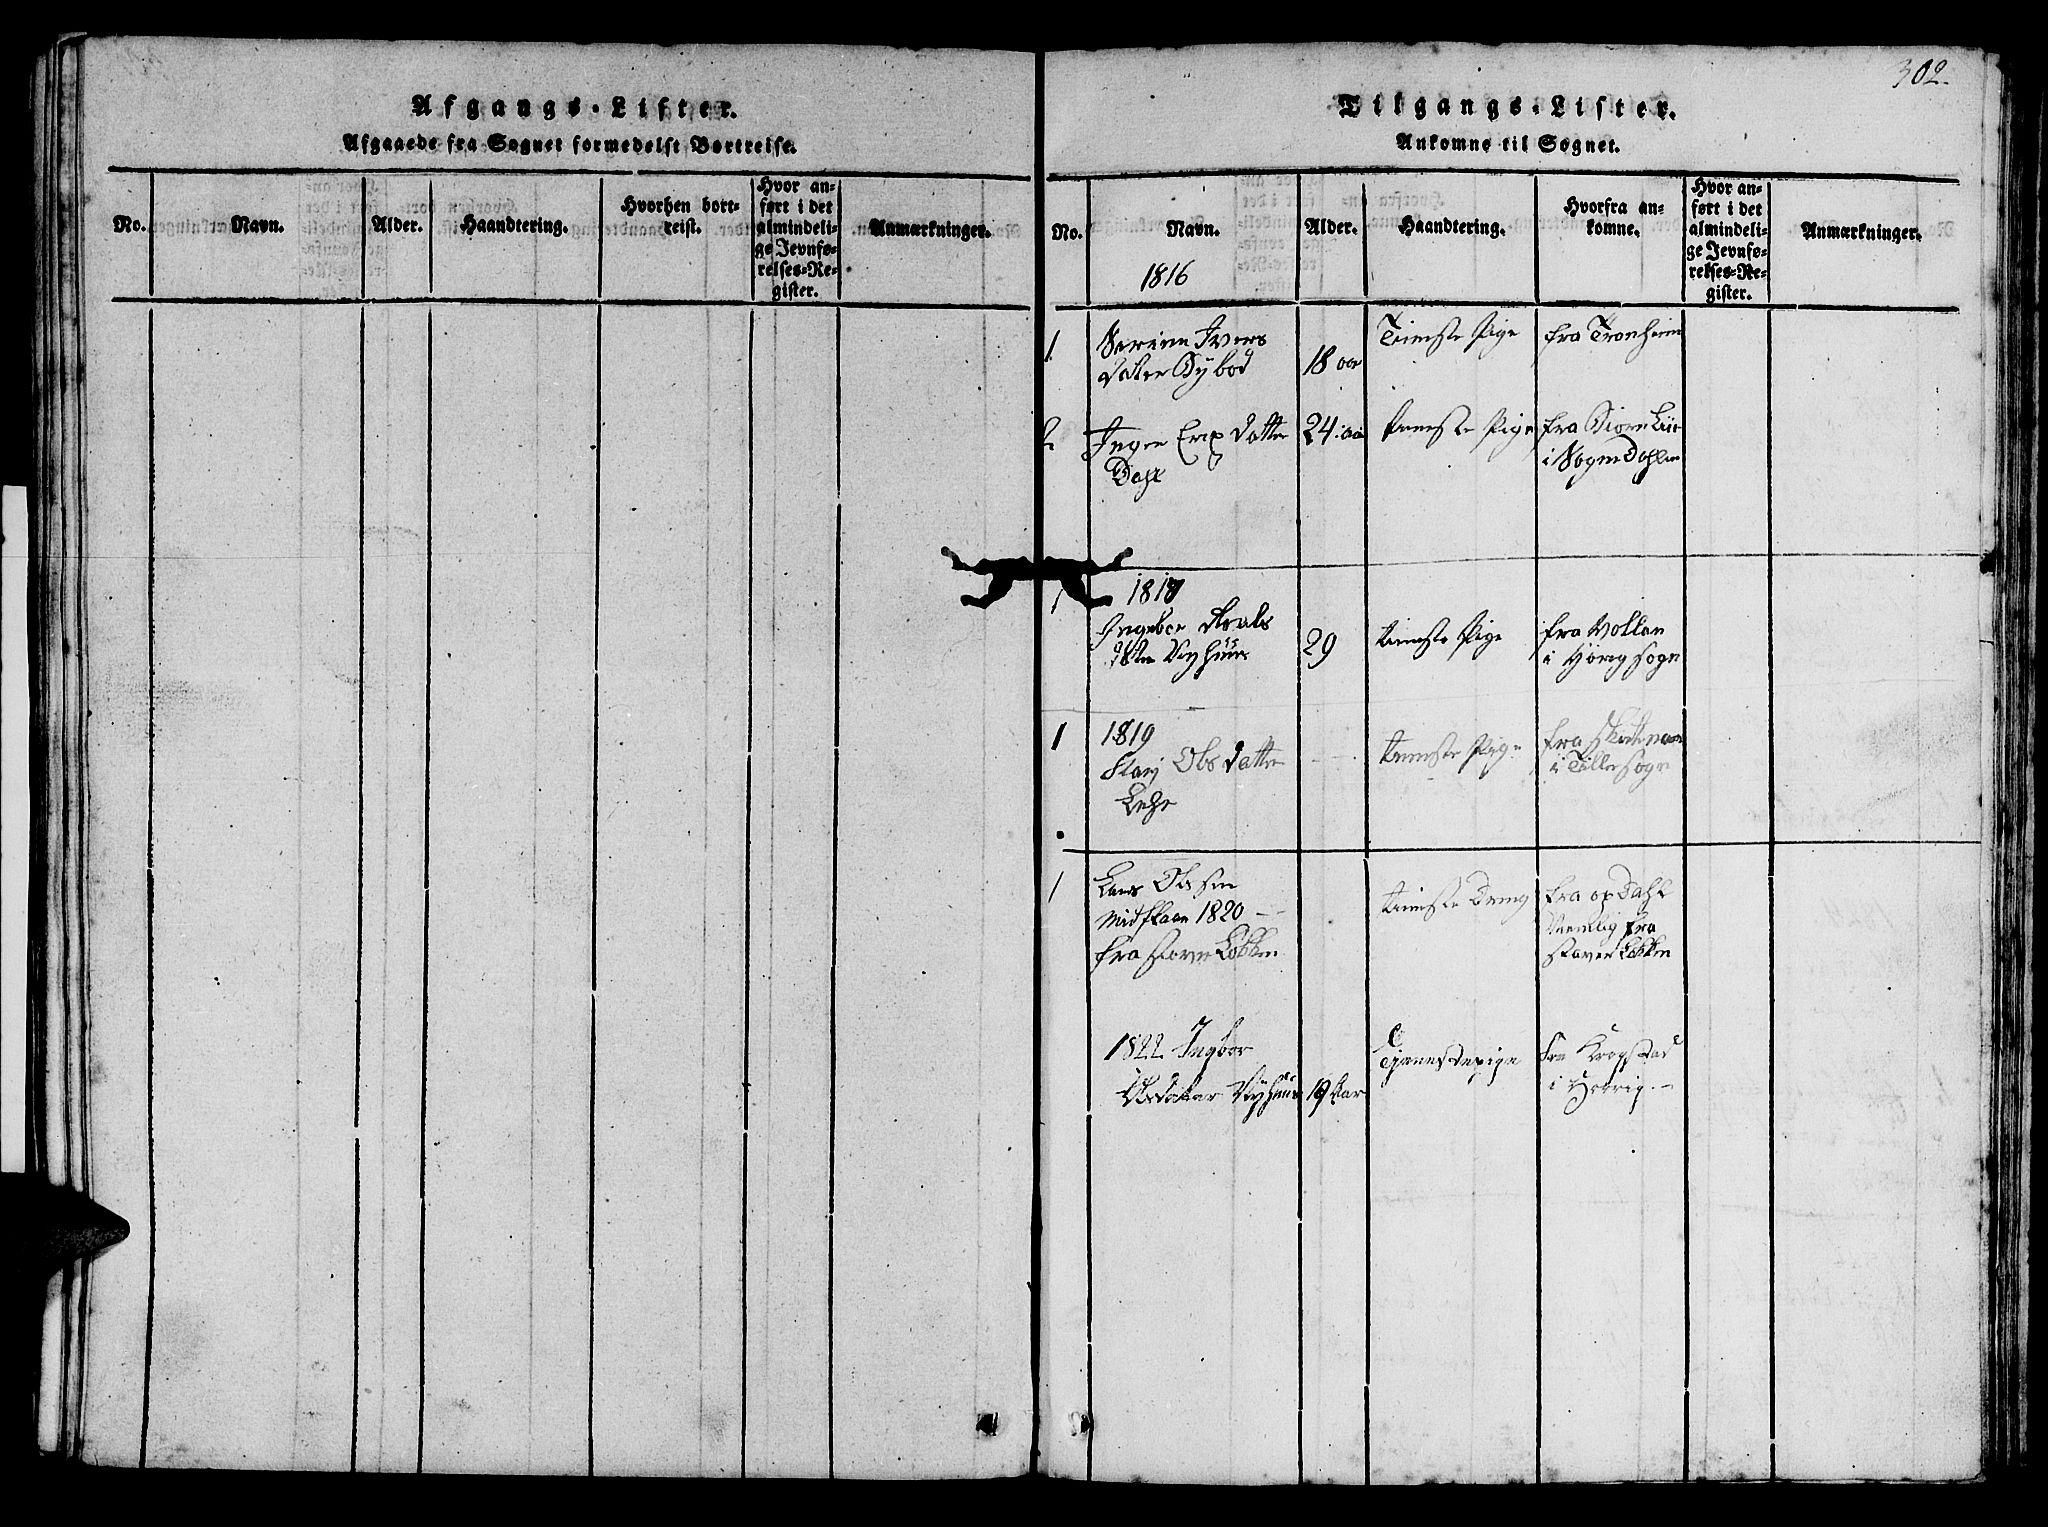 SAT, Ministerialprotokoller, klokkerbøker og fødselsregistre - Sør-Trøndelag, 693/L1121: Klokkerbok nr. 693C02, 1816-1869, s. 302